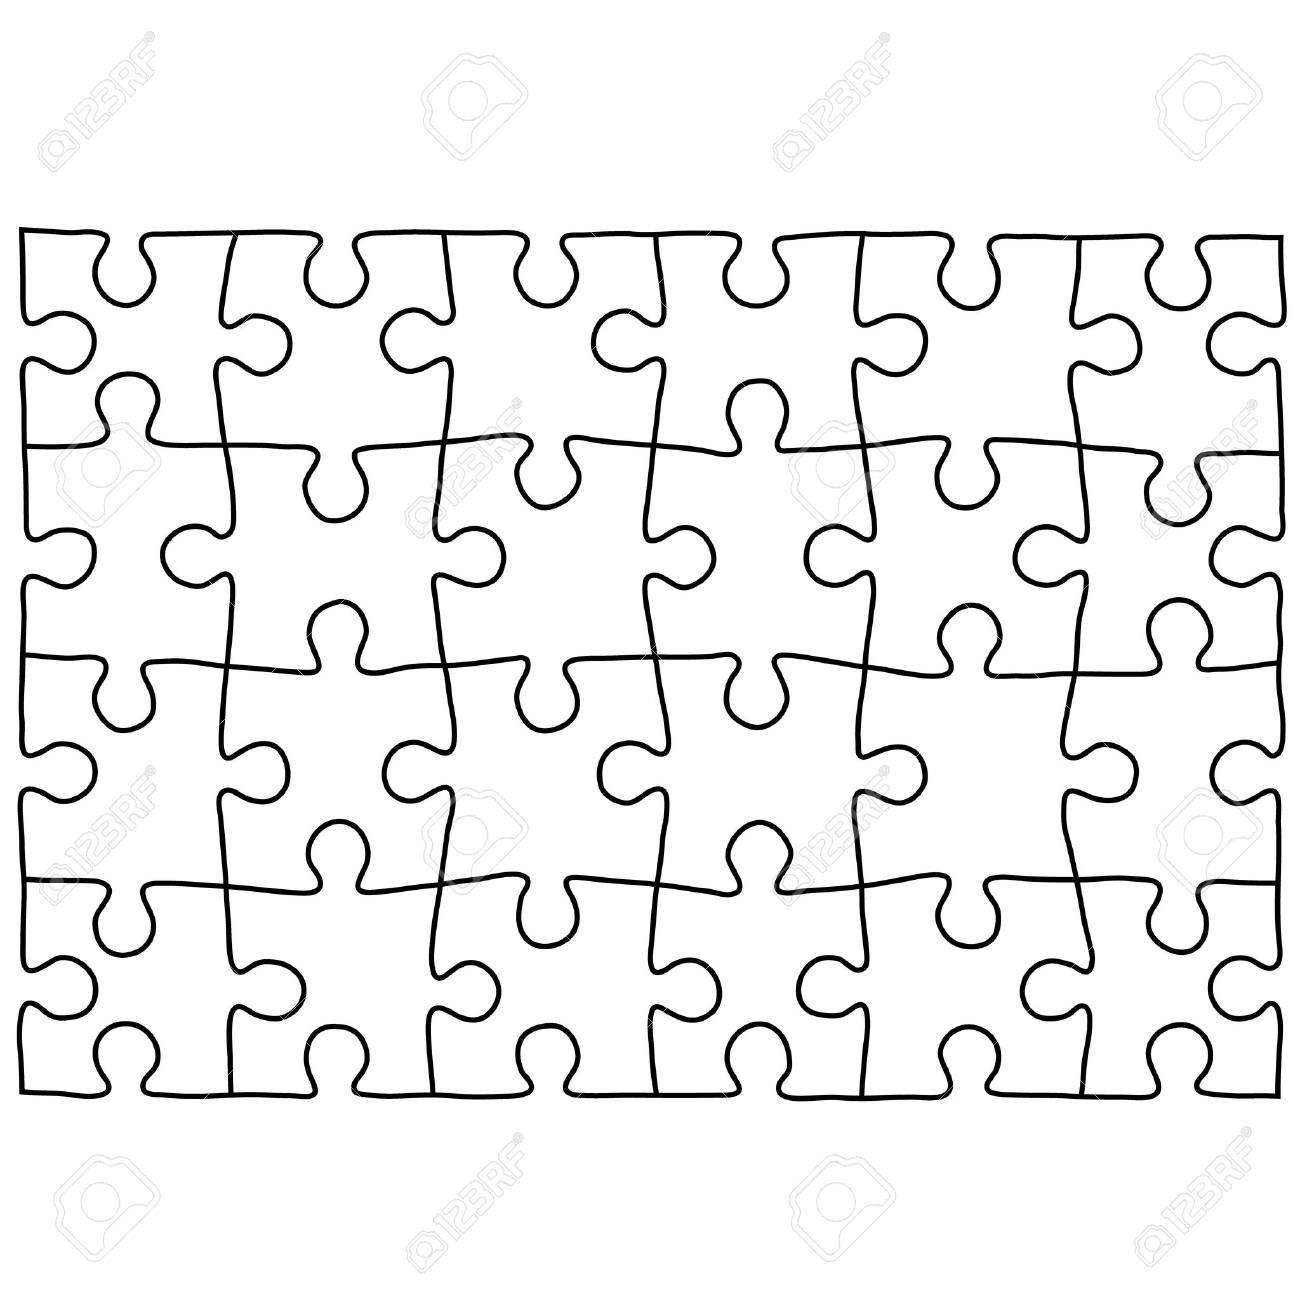 Gemütlich Leere Puzzle Vorlage Bilder - Beispielzusammenfassung ...